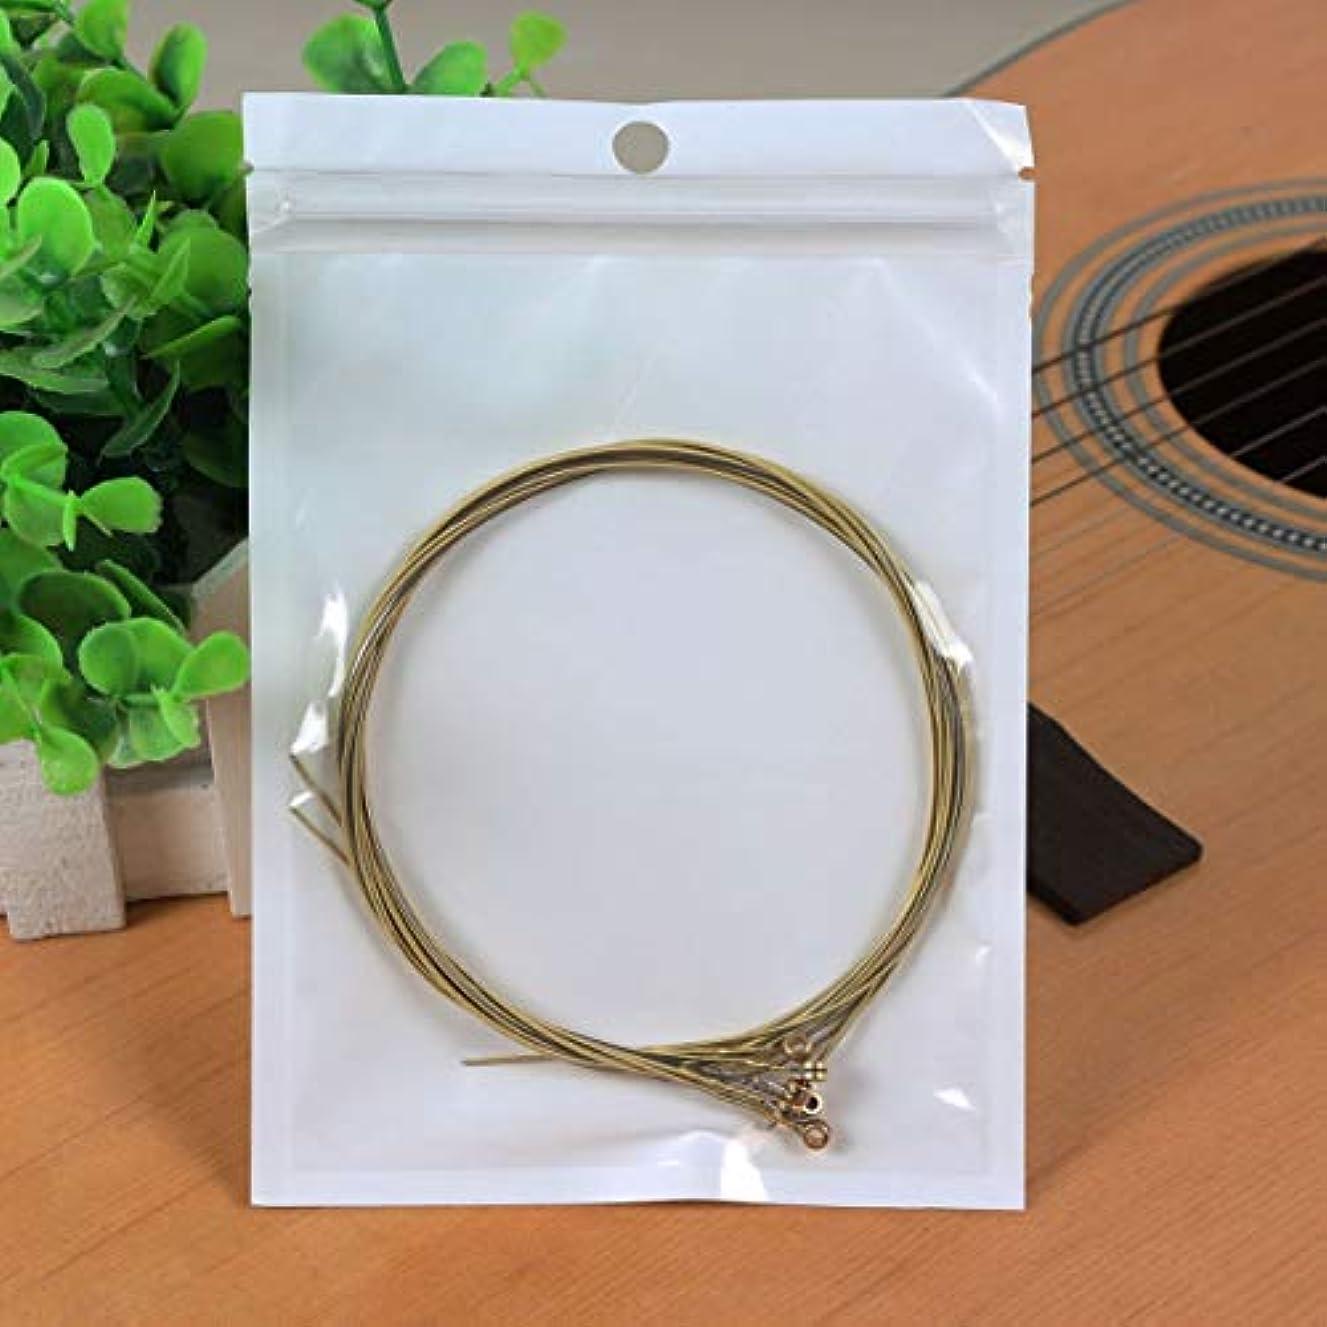 嫌がるゲームクランプ耐久性のあるニッケルメッキスチールギター弦アコースティックフォークギター用のカラフルなギター弦クラシックギター-ホワイト